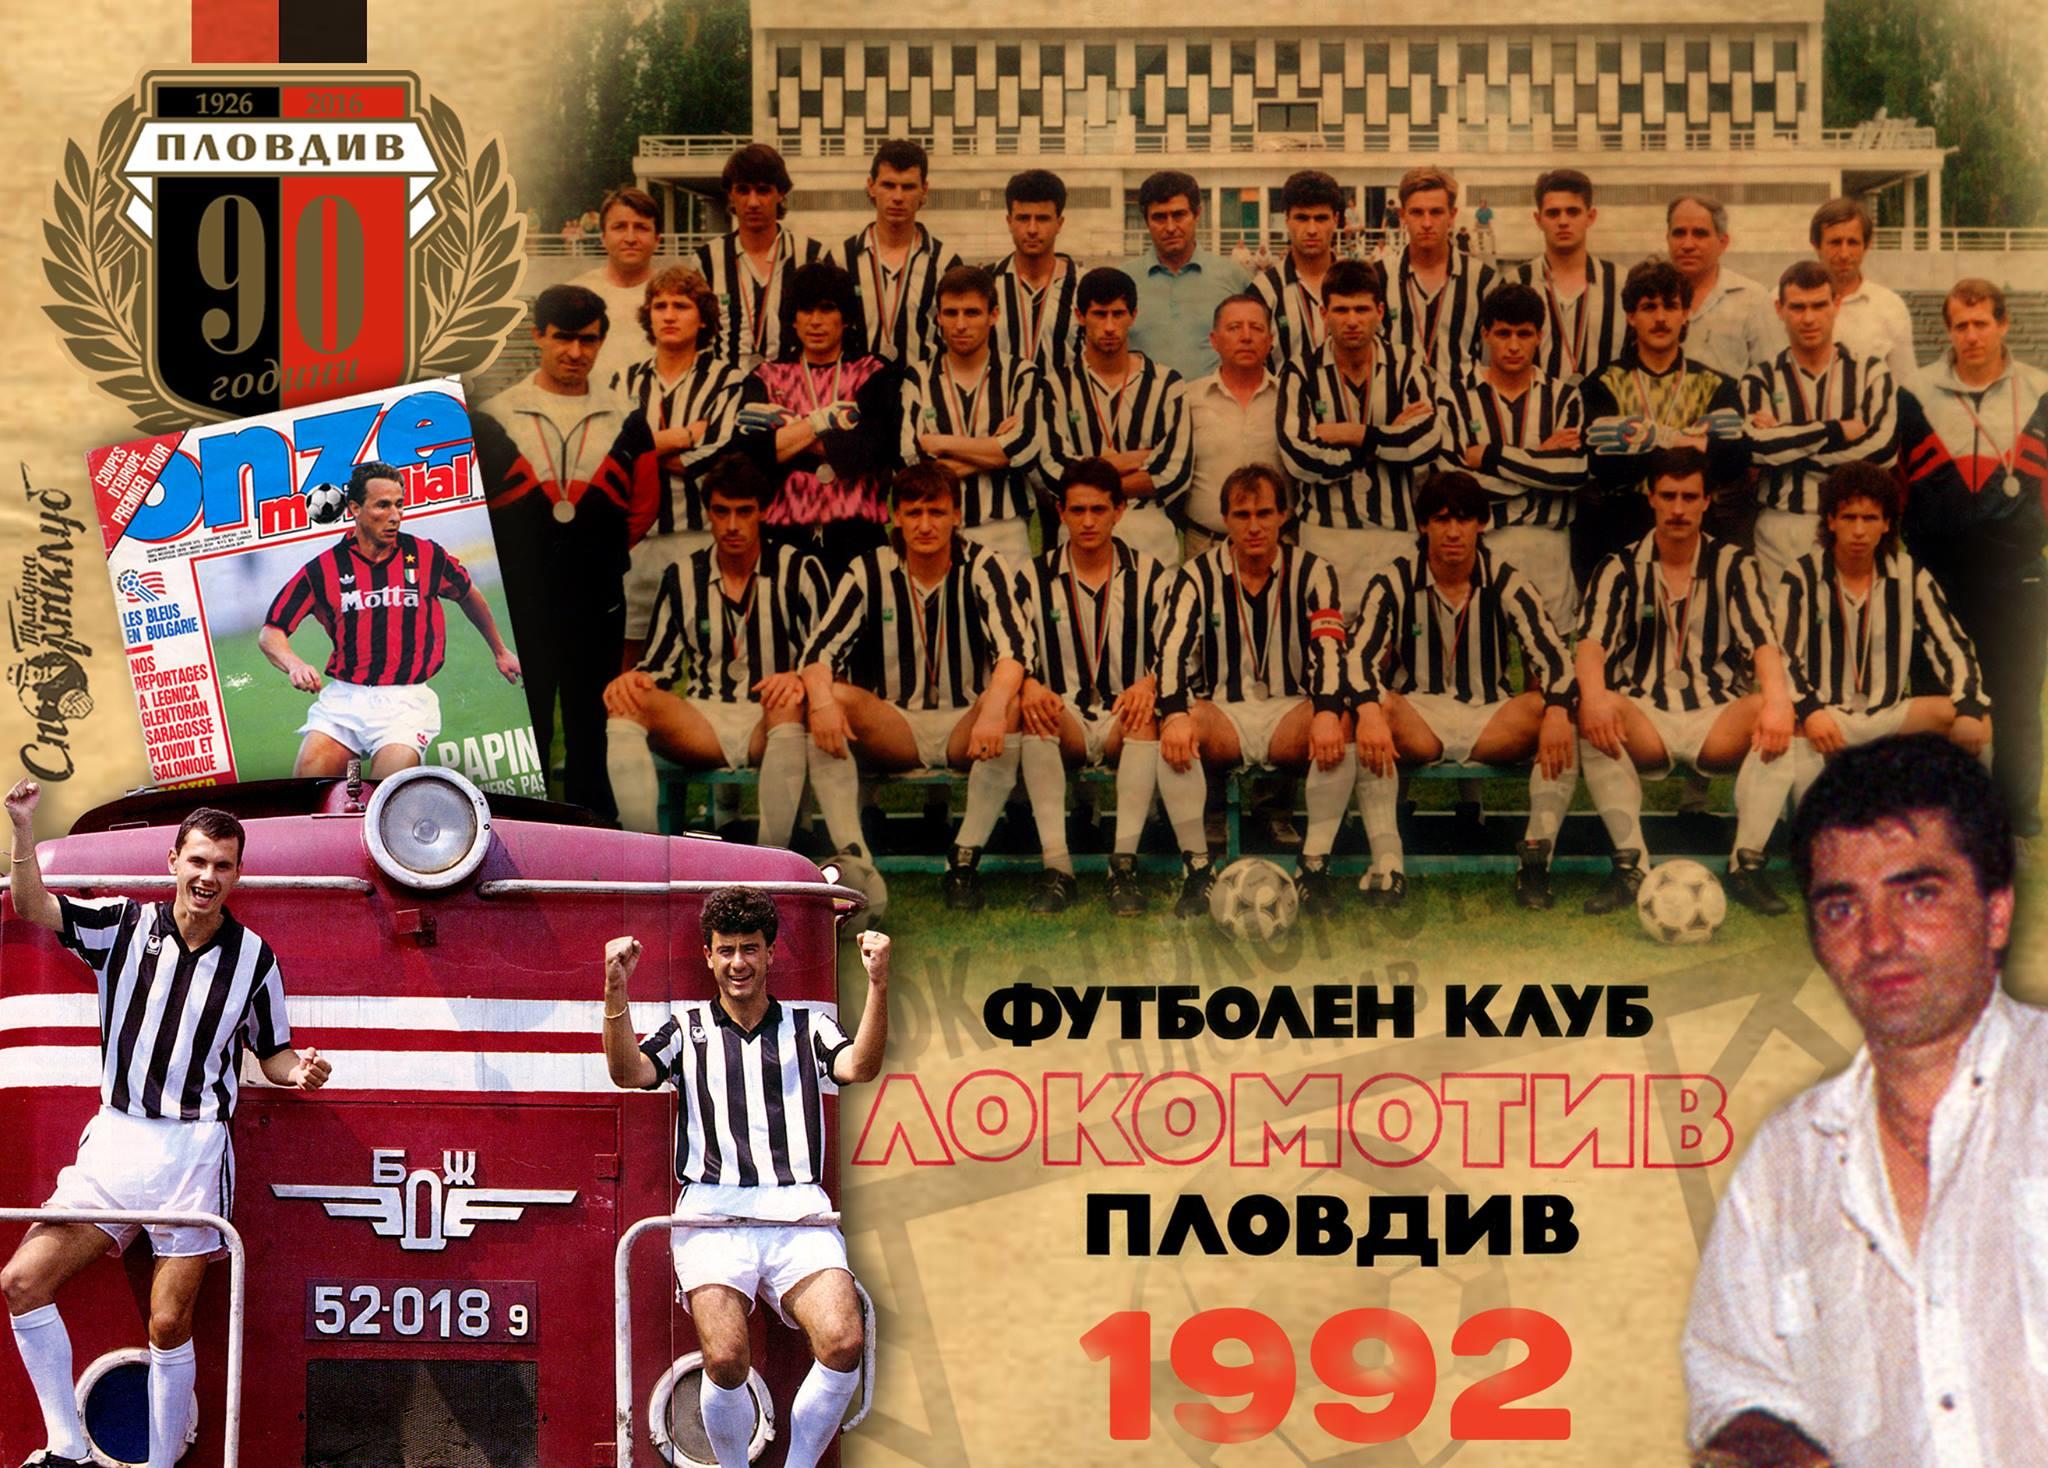 Бронзов медалист 1991/92